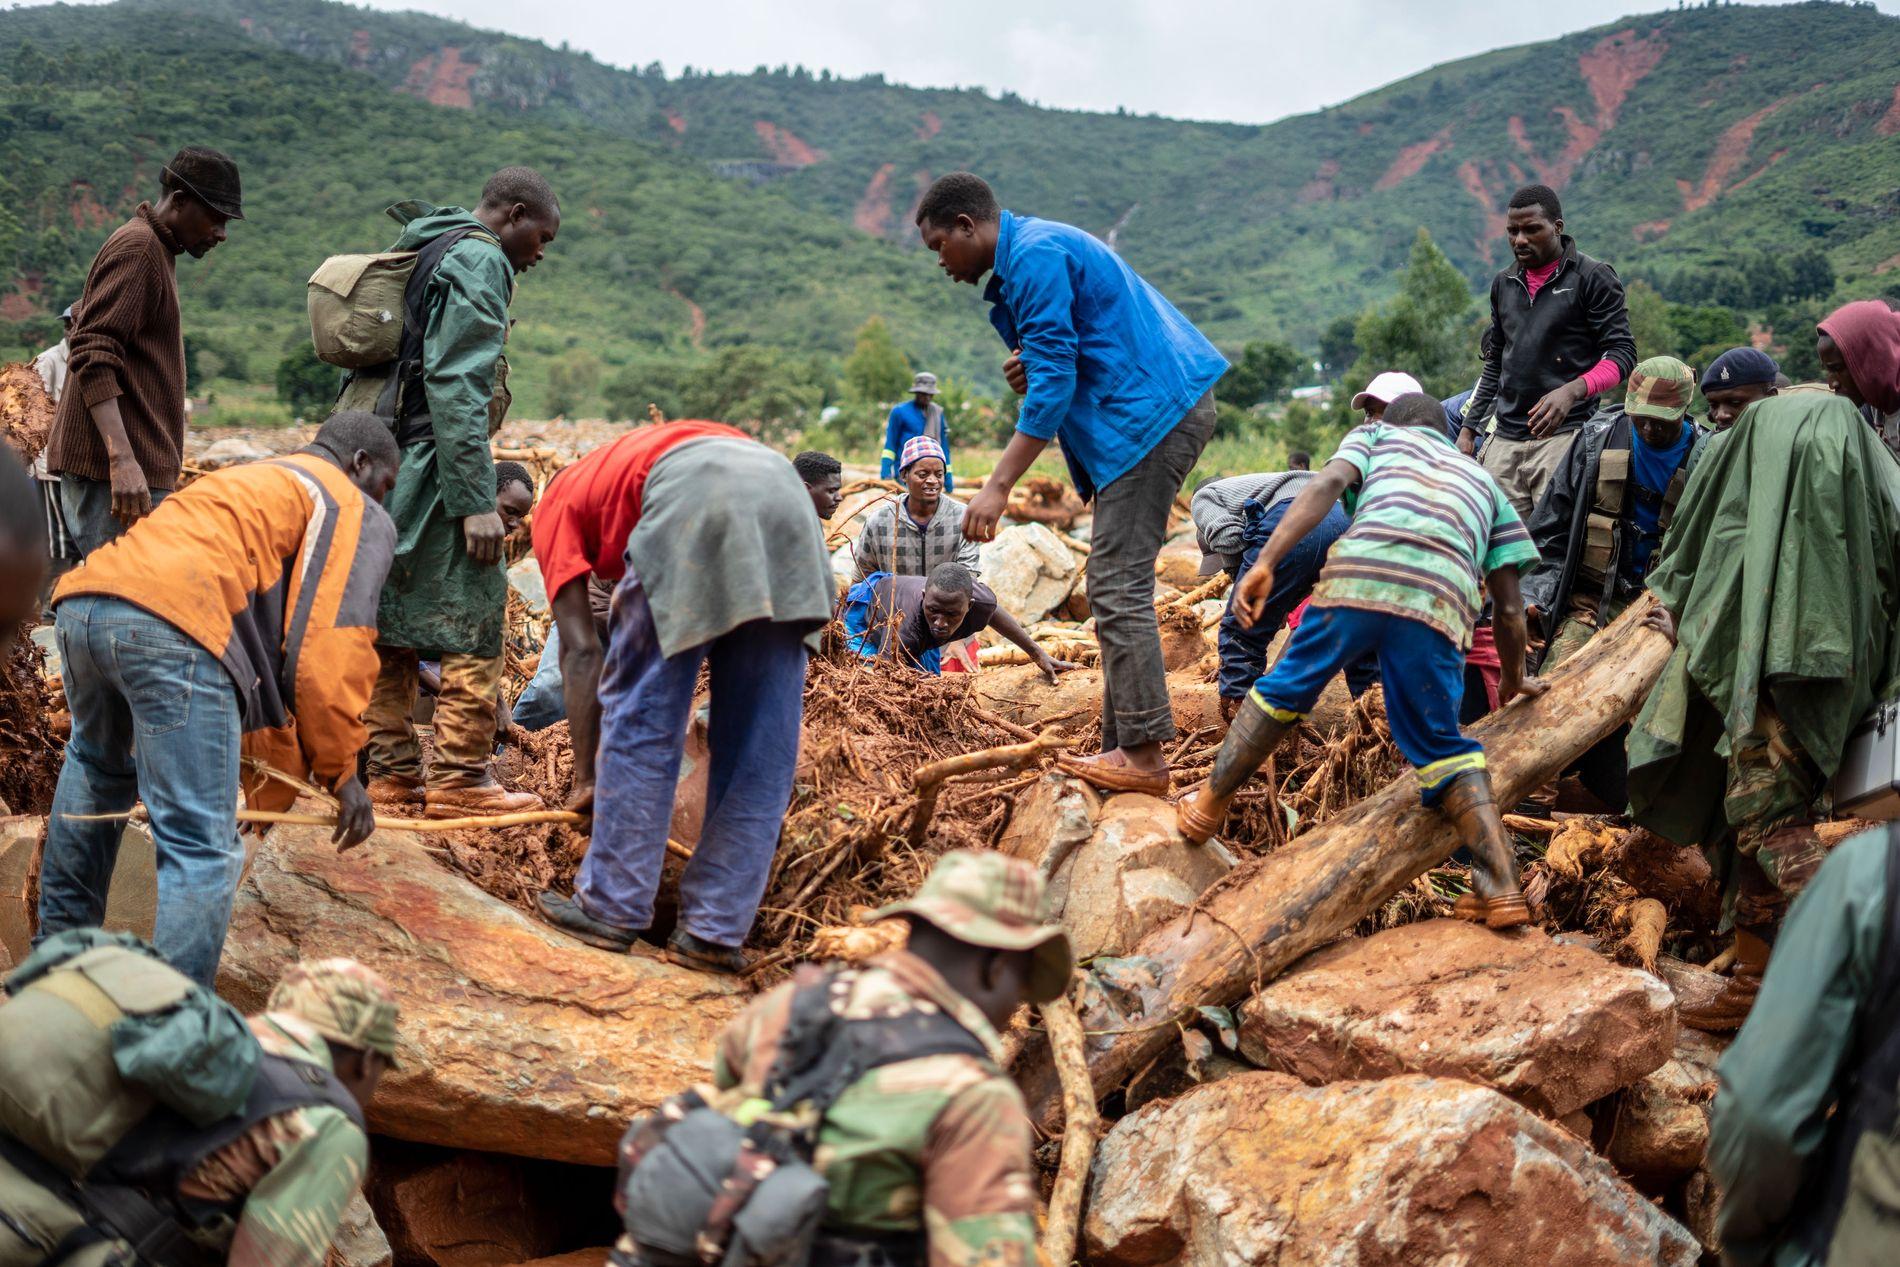 SØKER: Det letes etter overlevende i områdene som er rammet av syklonen.